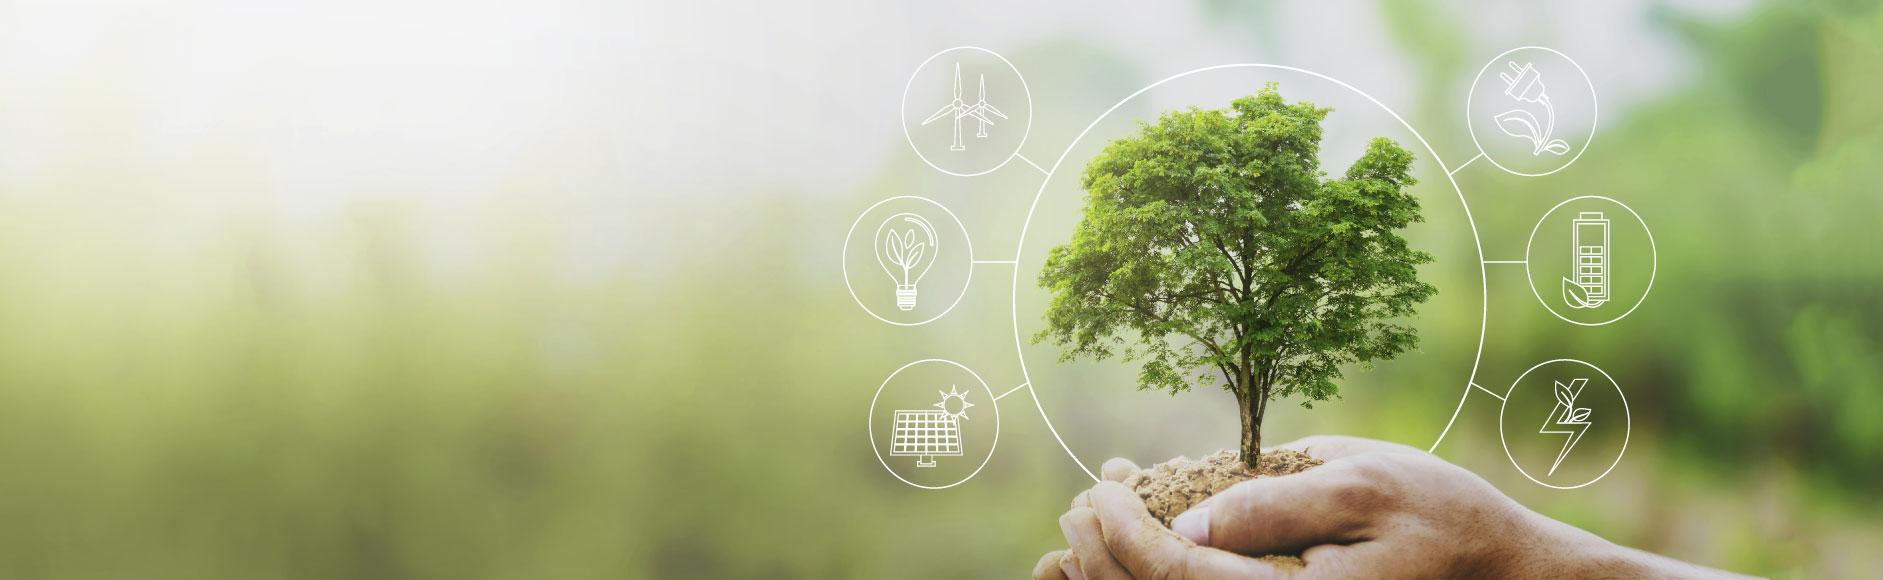 cuidado com o meio ambiente com a agir sustentavel